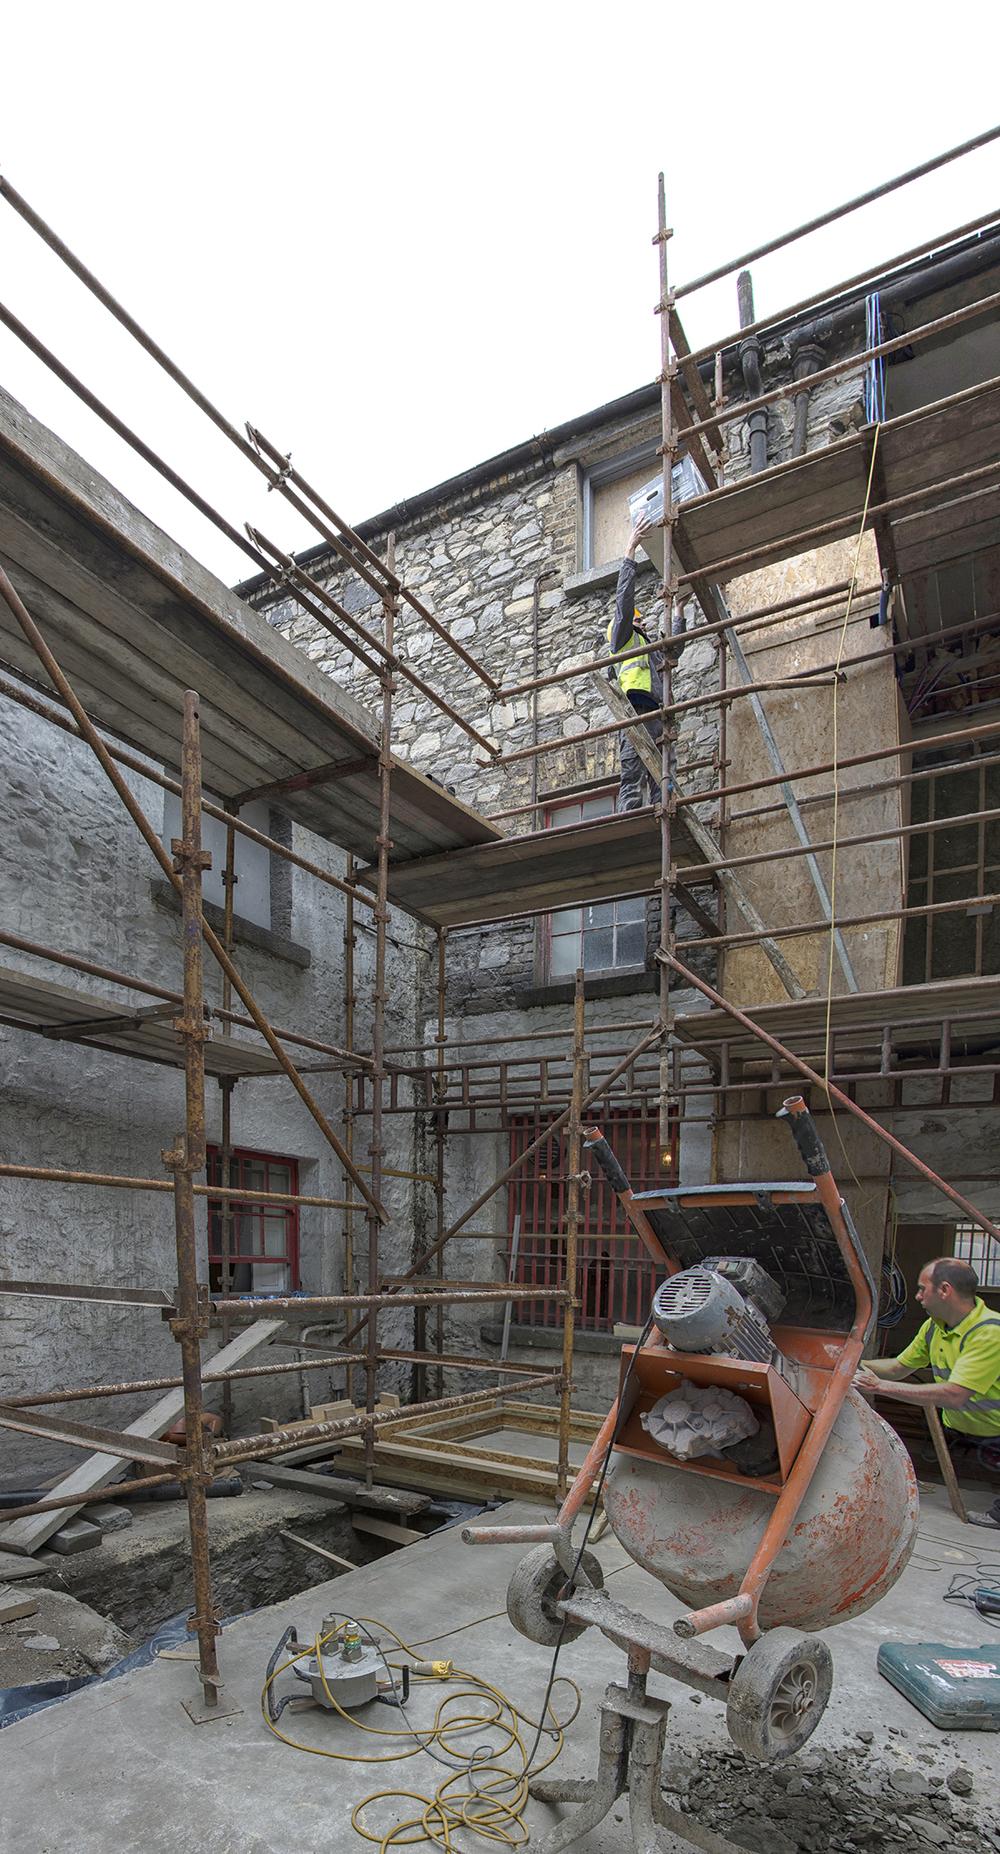 Lad Lane Courtyard Pano 2.jpg